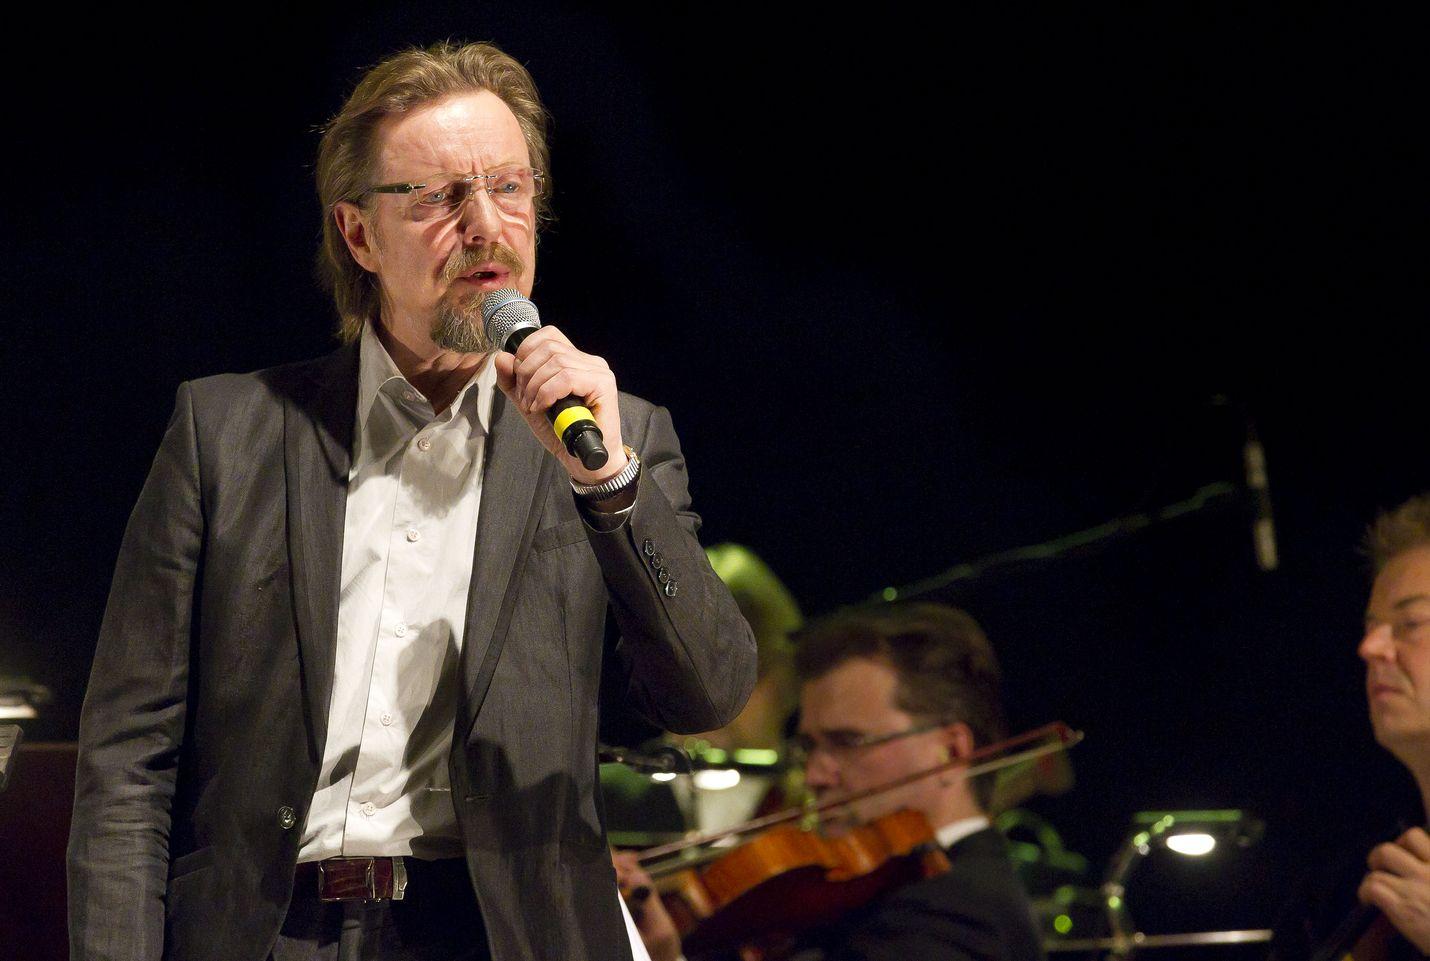 Muusikko Pave Maijanen oli kuollessaan 70-vuotias.